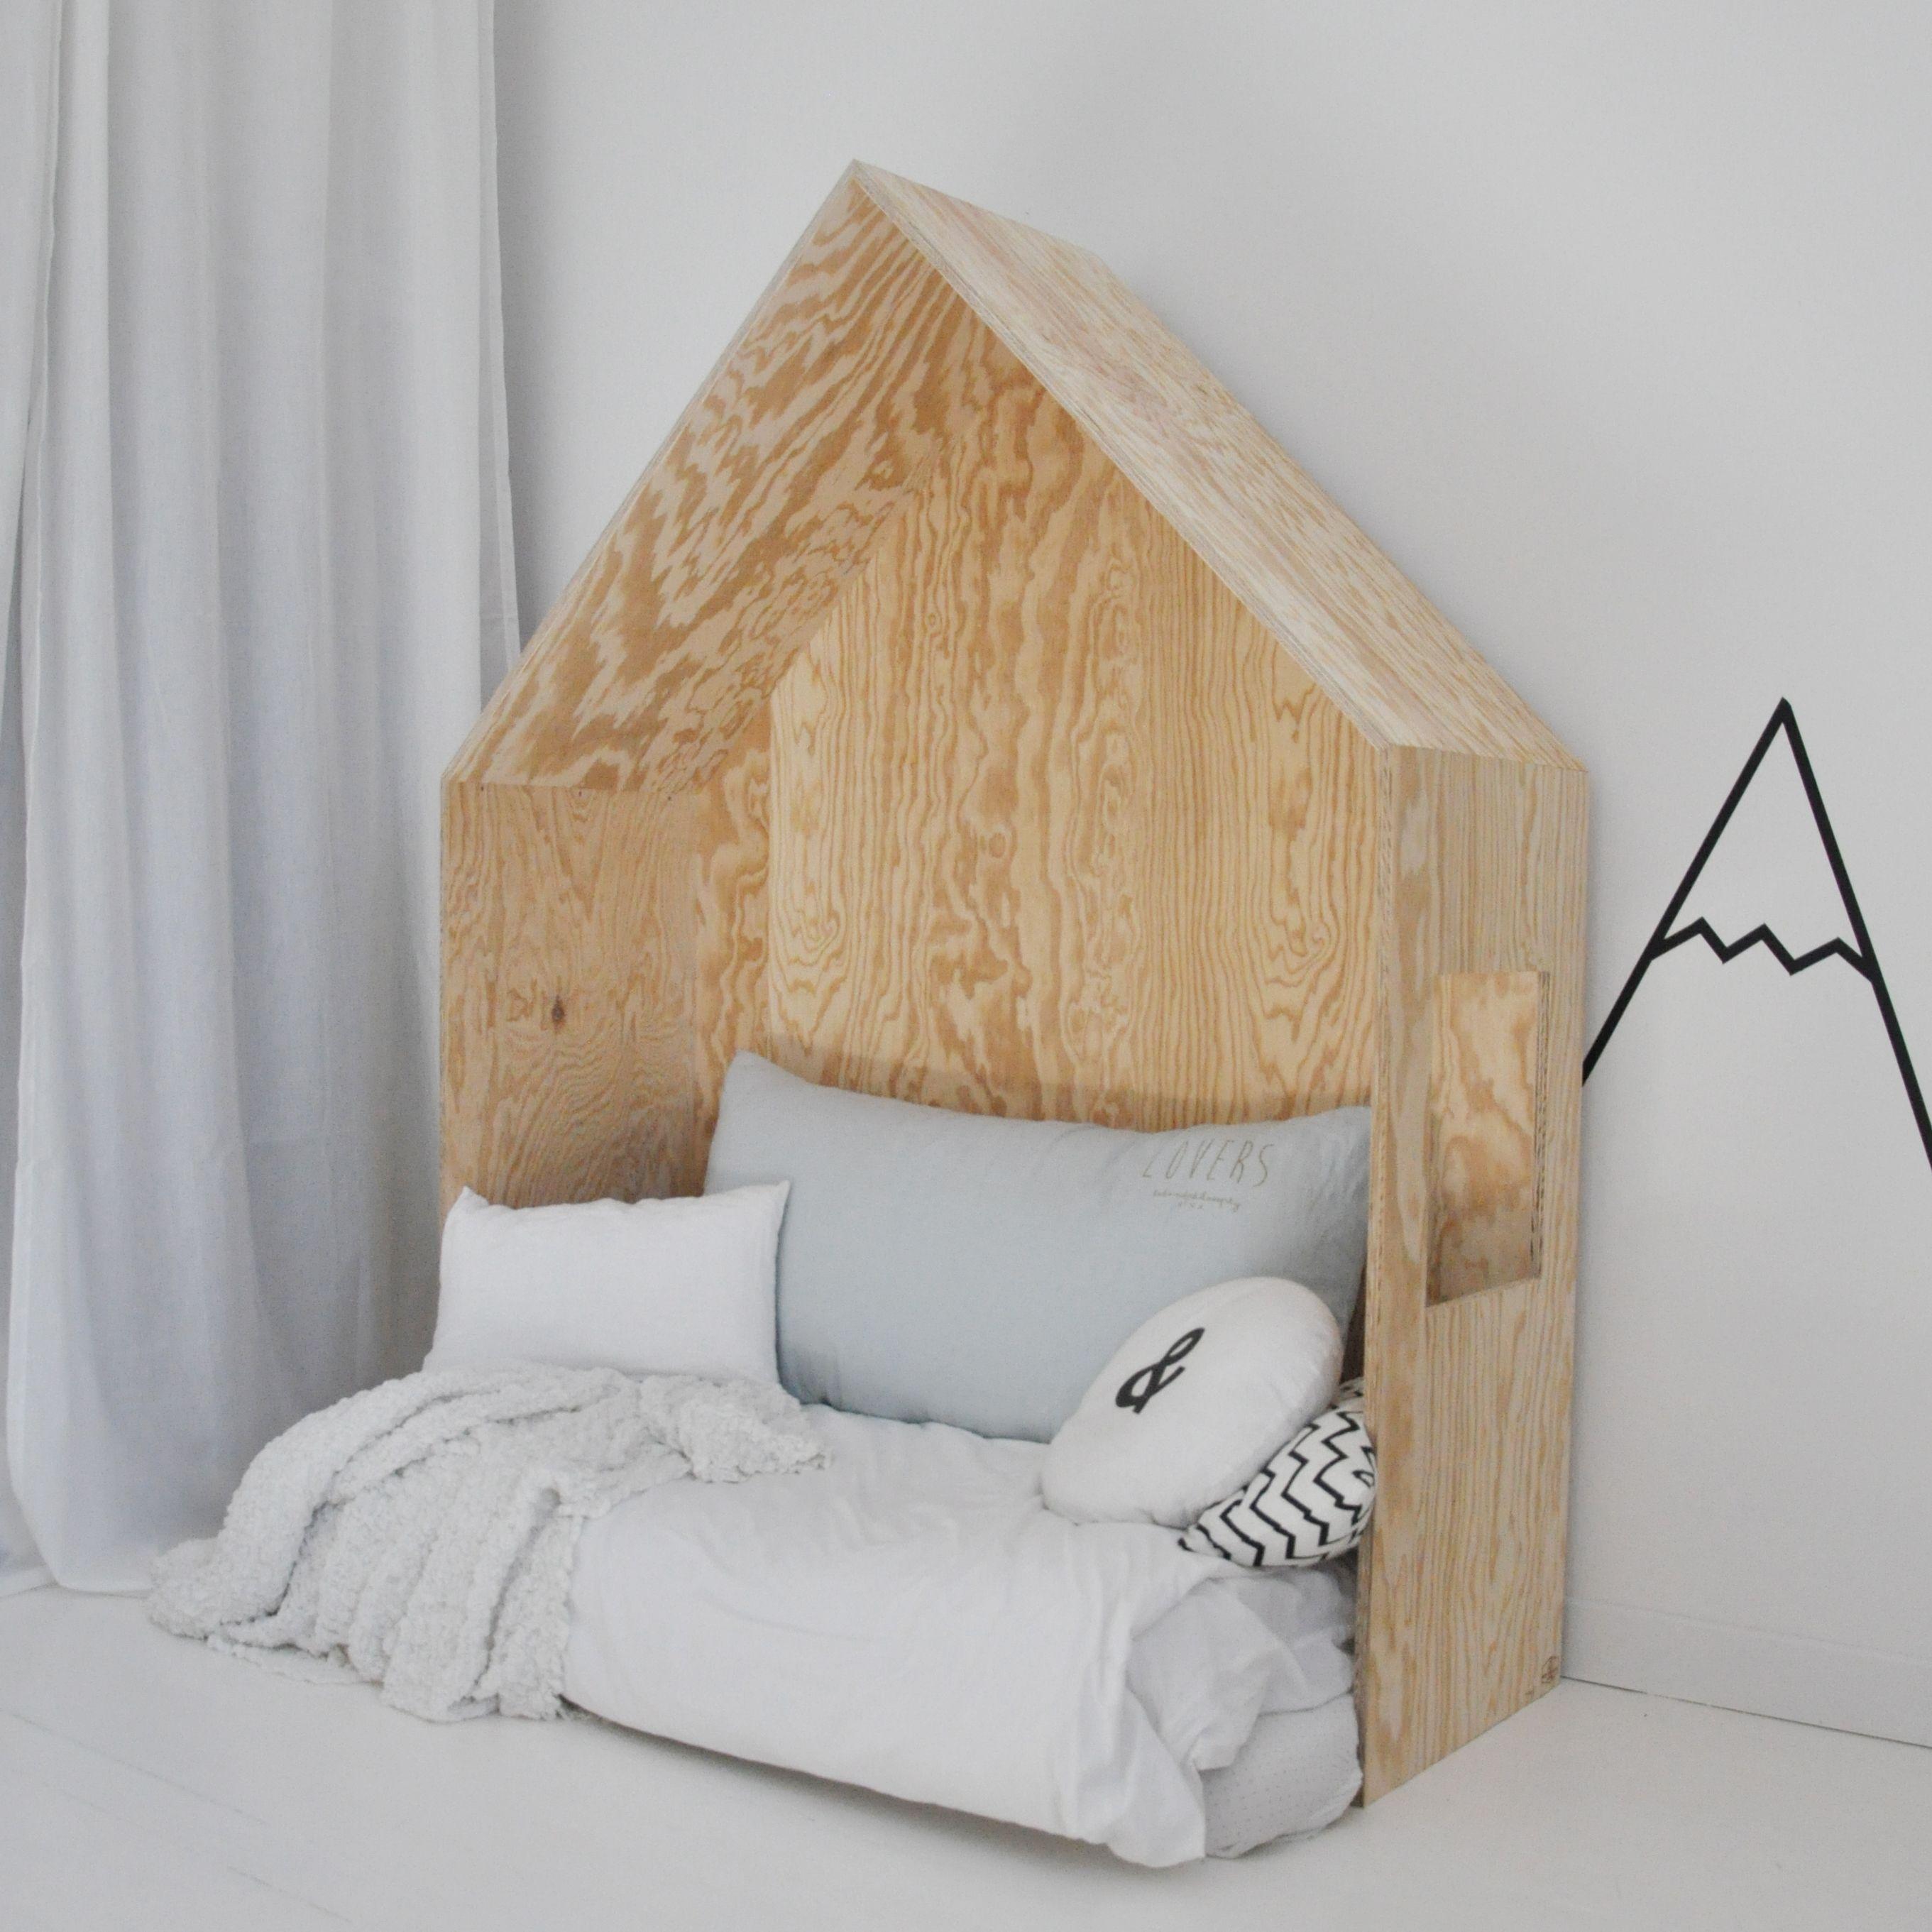 Lit Cabane Tete De Lit Bois Wood House Bed Housed Kid